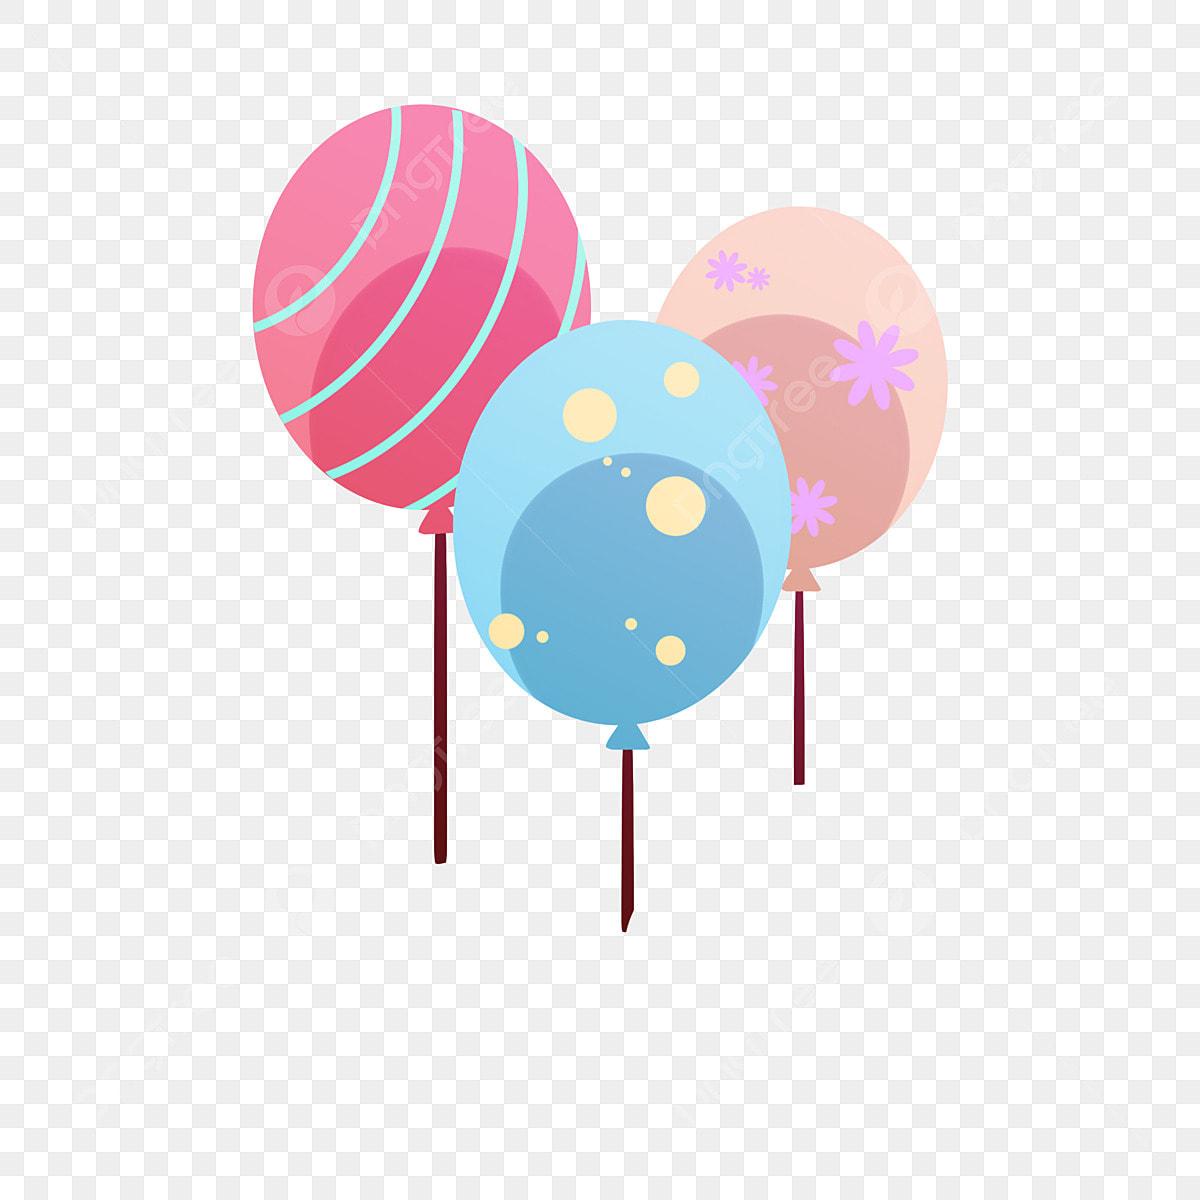 يوم كذبة أبريل بالونات ملونة جذابة أطفال روضة أطفال بالونات ملونة جذابة احتفال لطيف Png وملف Psd للتحميل مجانا